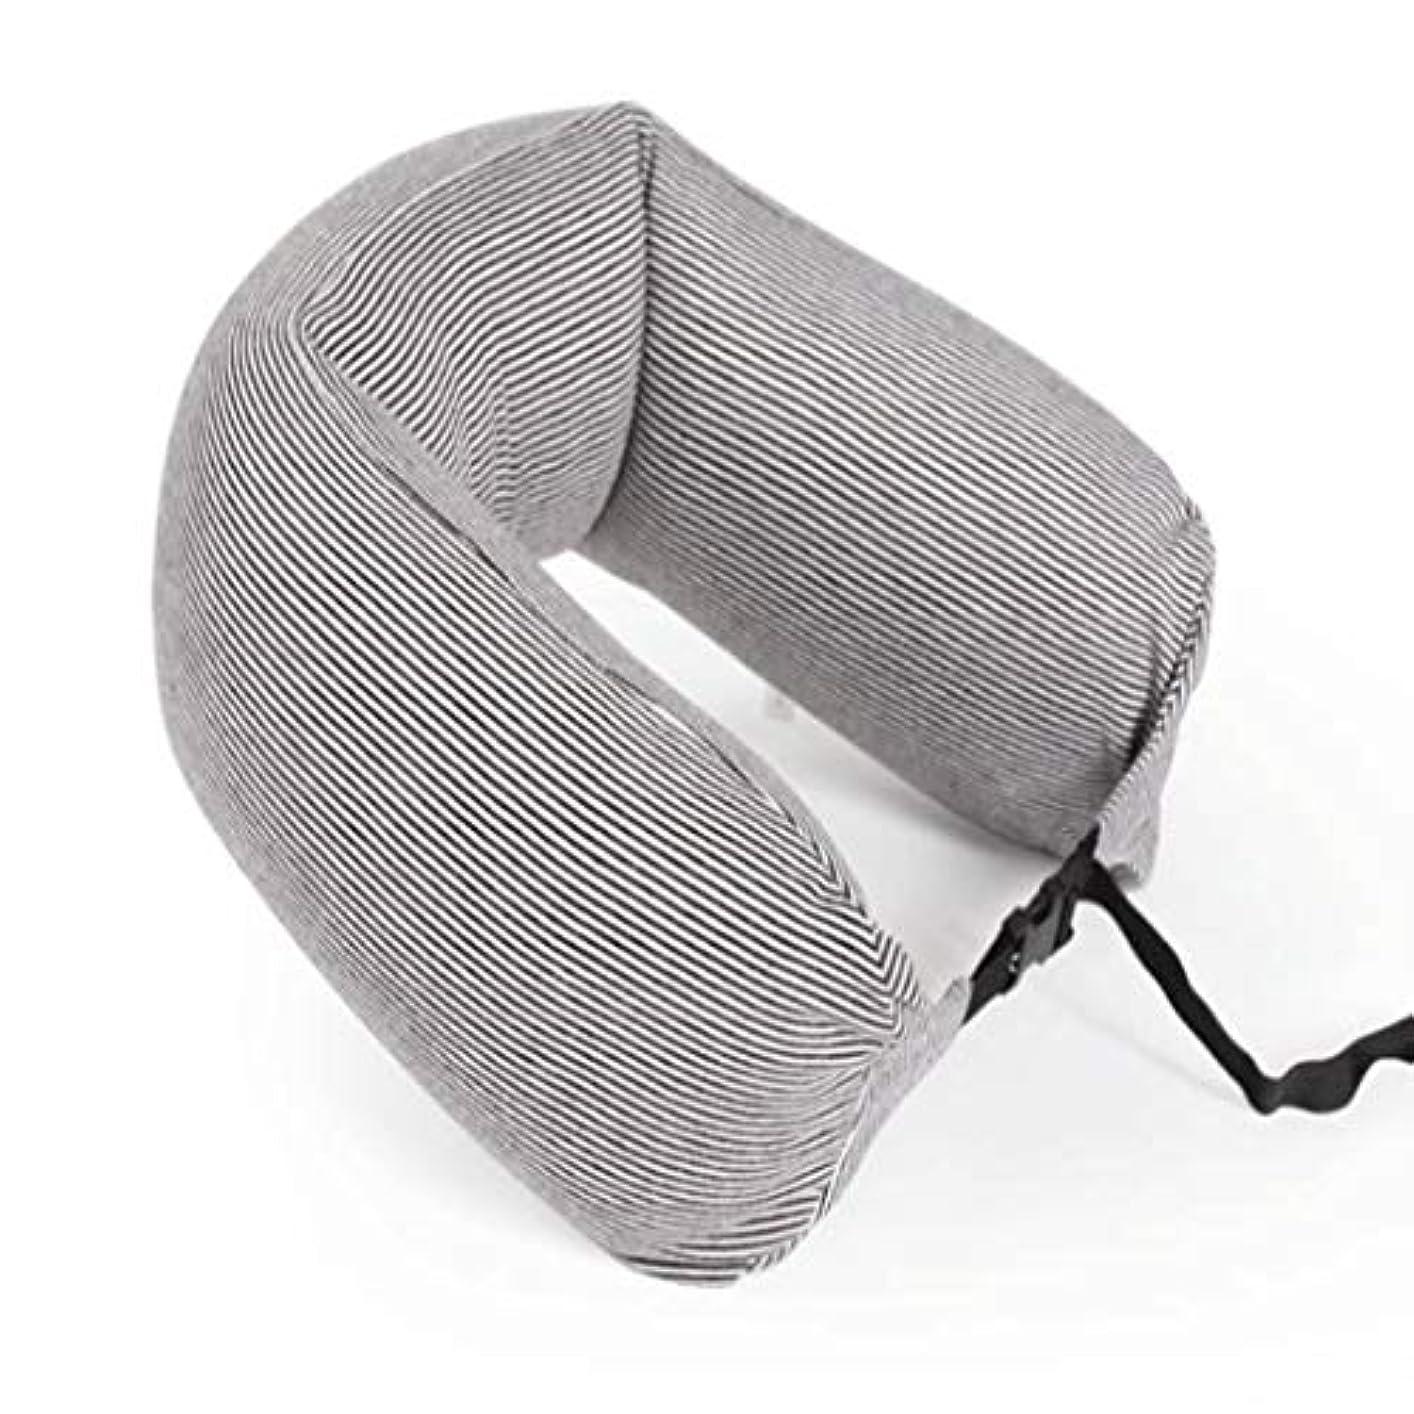 深く義務無実ストライプU字型保護首枕和風シンプルバン屋外ポータブルシエスタオフィス旅行キャンプ